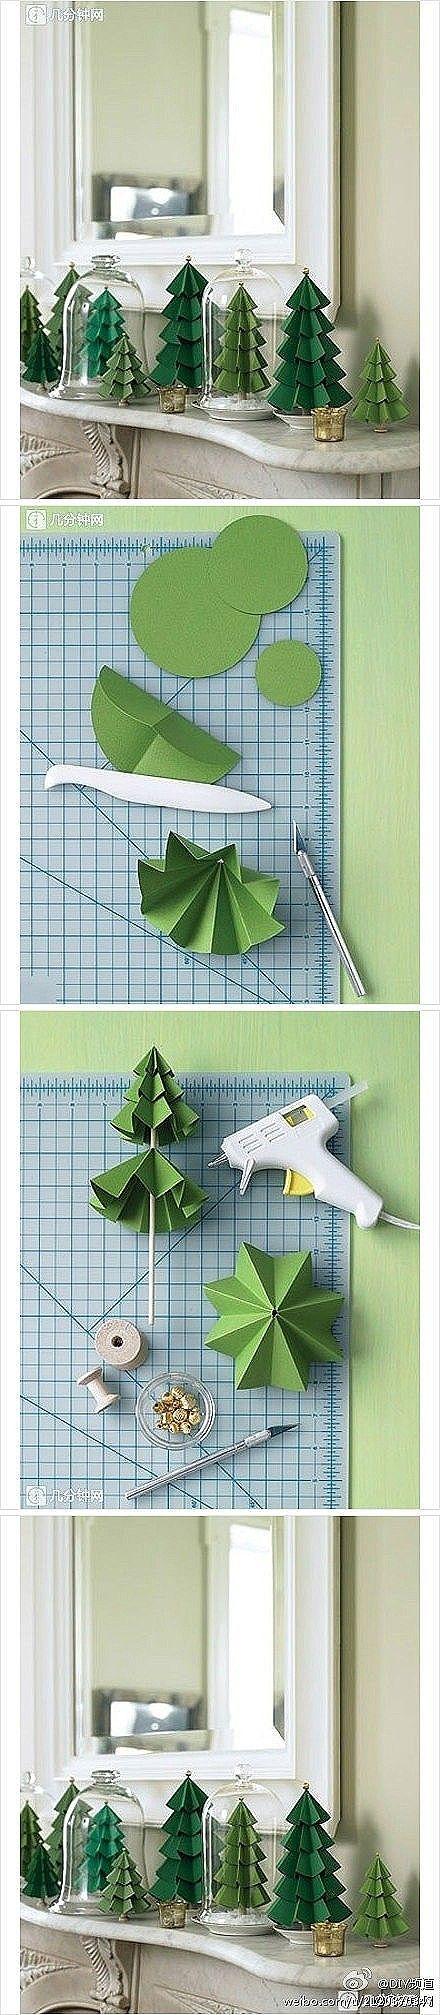 Laboratori e lavoretti per bambini per natale addobbi natalizi albero di natale con cartoncino